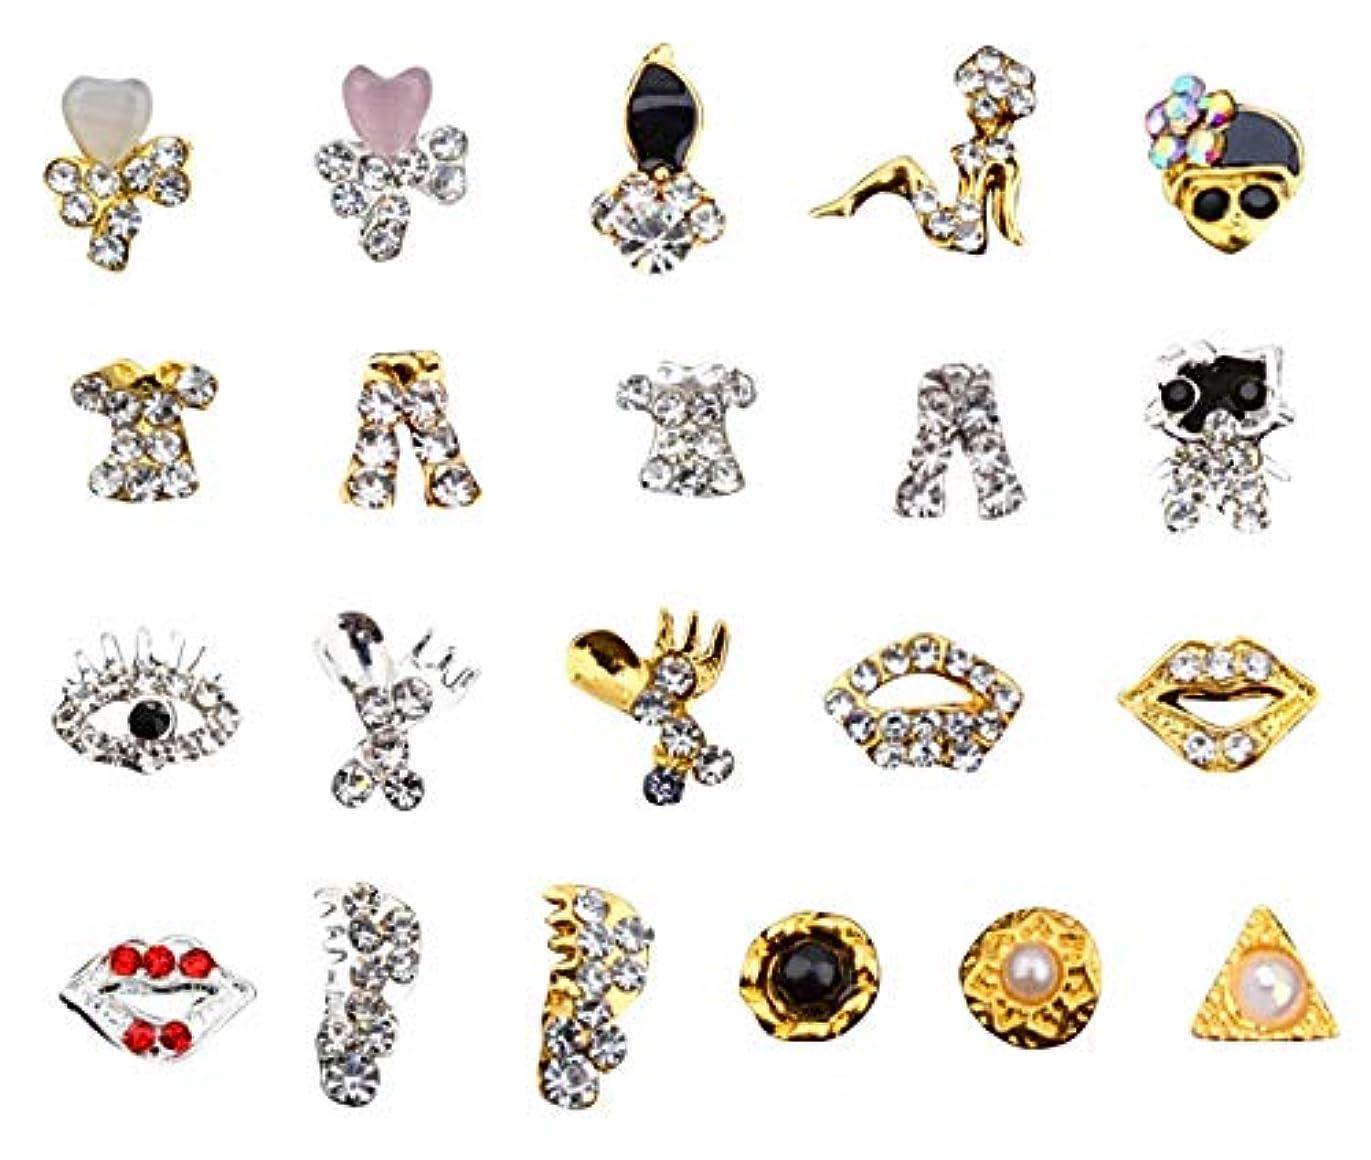 動機付ける写真の百万Kerwinner ネイルアートの装飾用品のためのラインストーン宝石ストーンズネイル